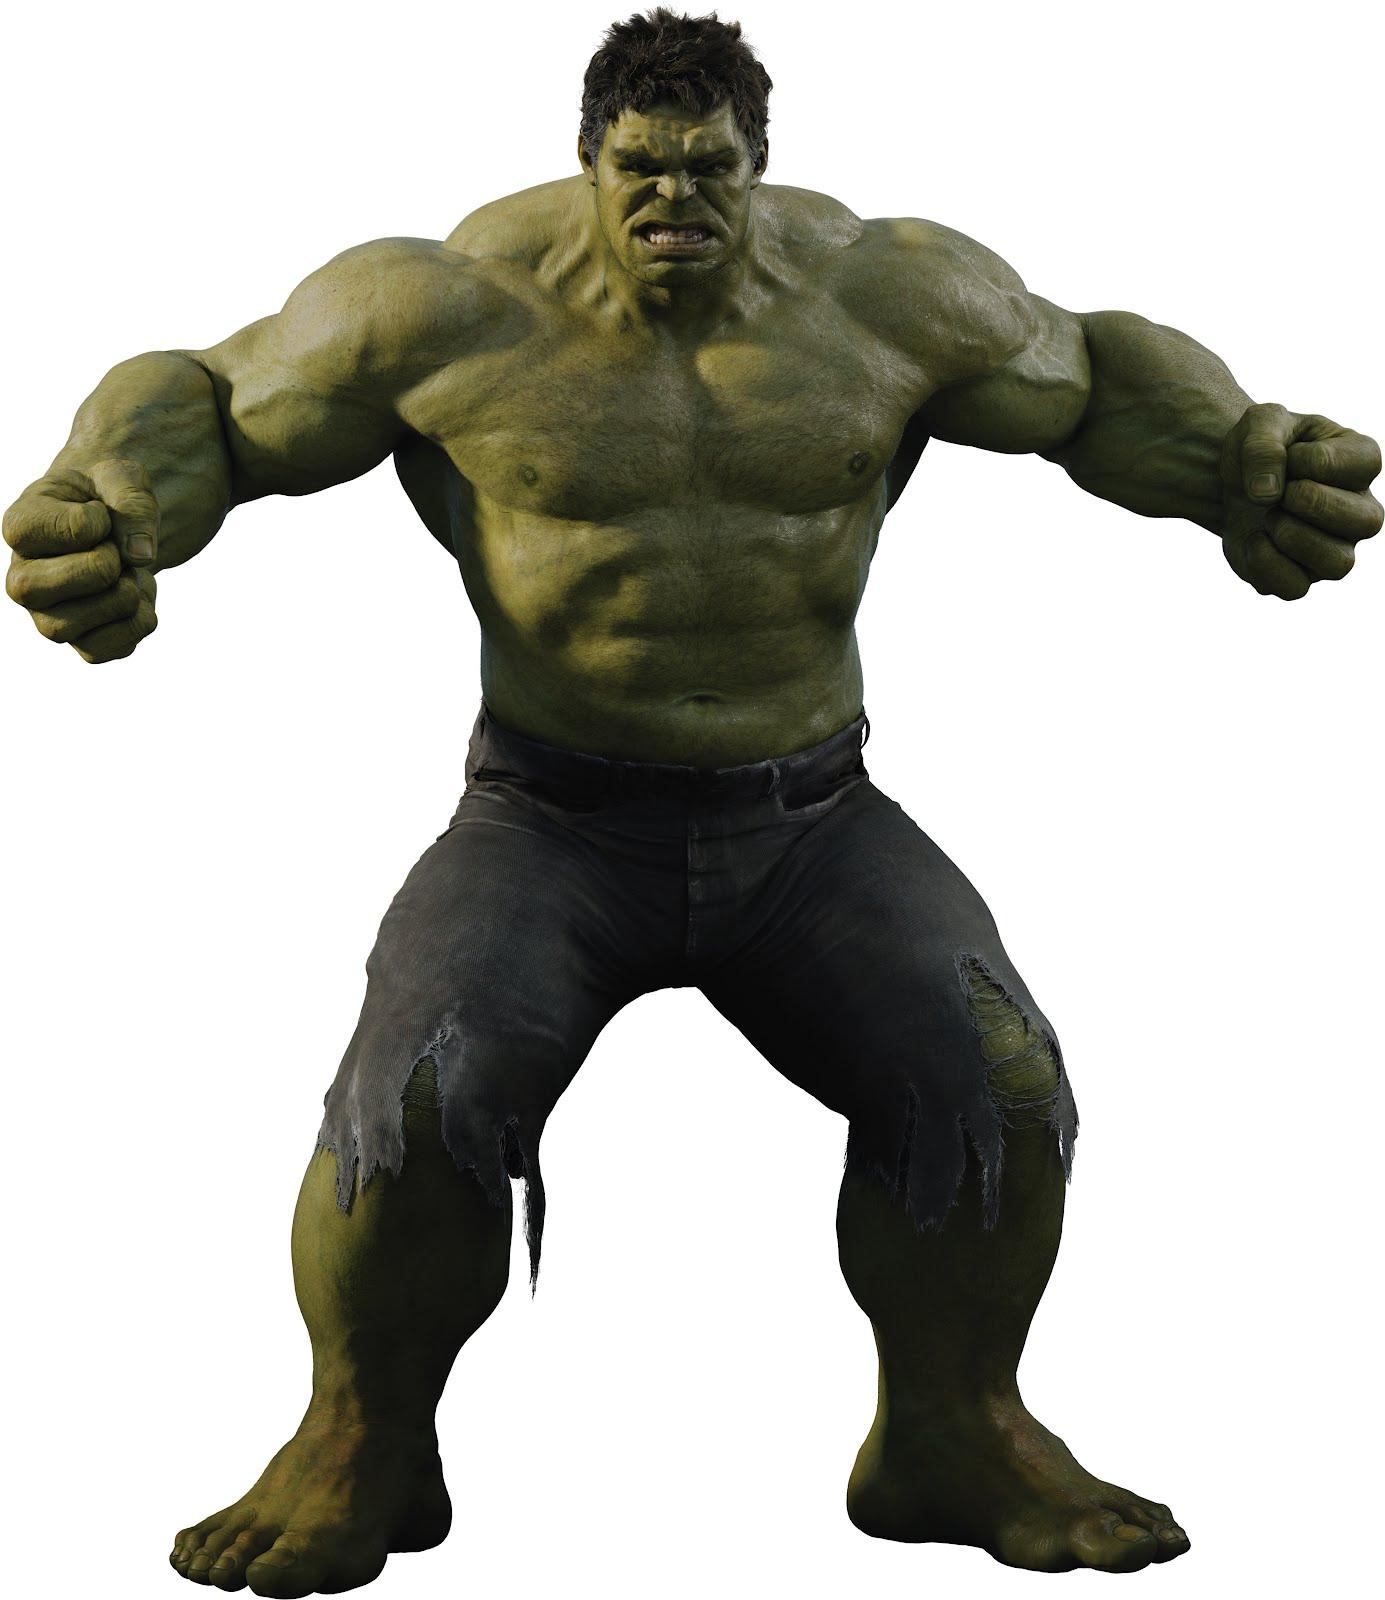 Imagens do Hulk em alta resolu  231   227 o em  quot Os Vingadores quot  Hulk Avengers Movie Full Body